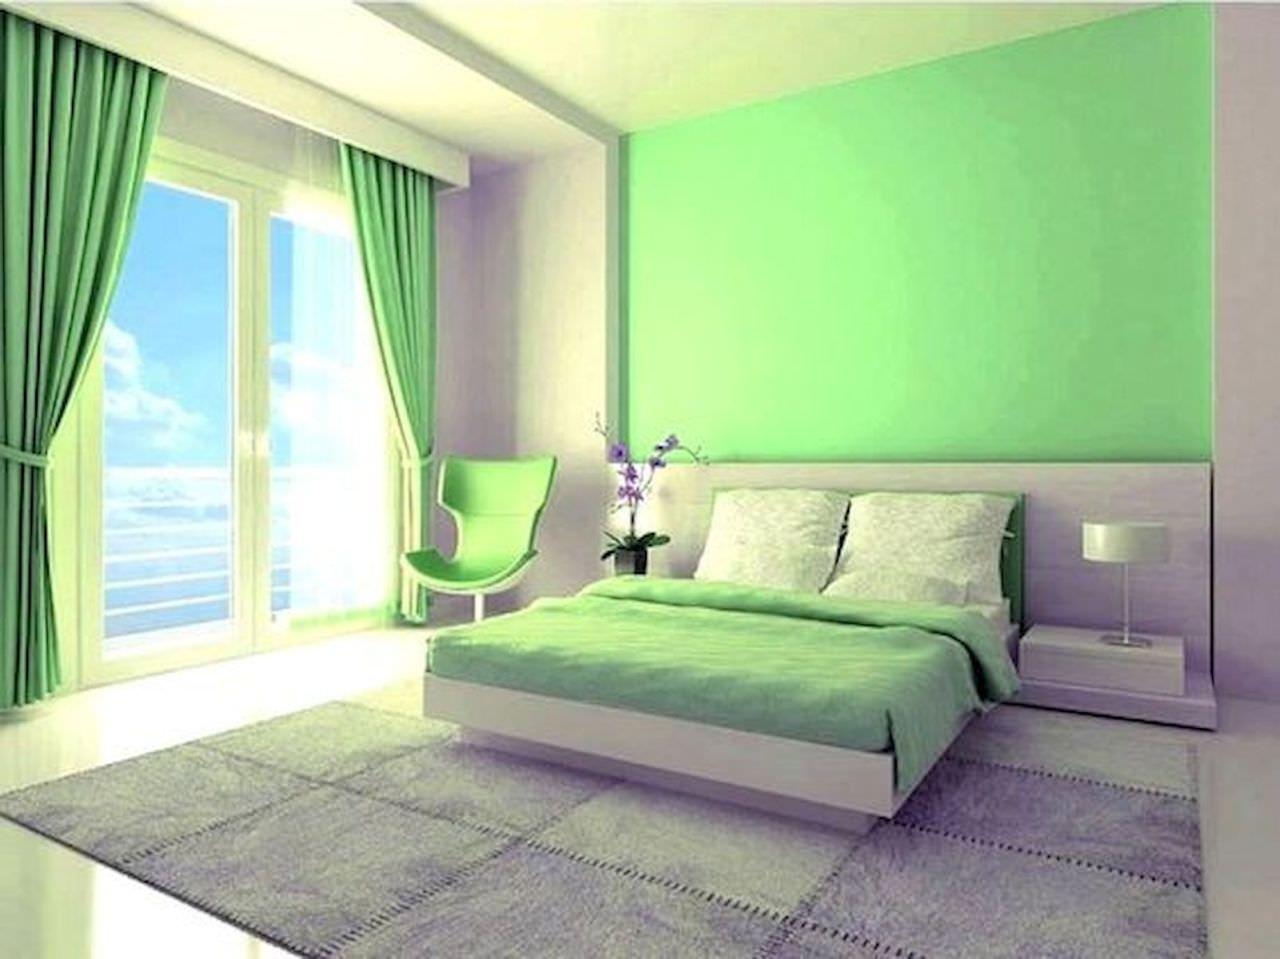 Yaratıcı Çiftler İçin Harika Yatak Odası Fikirleri